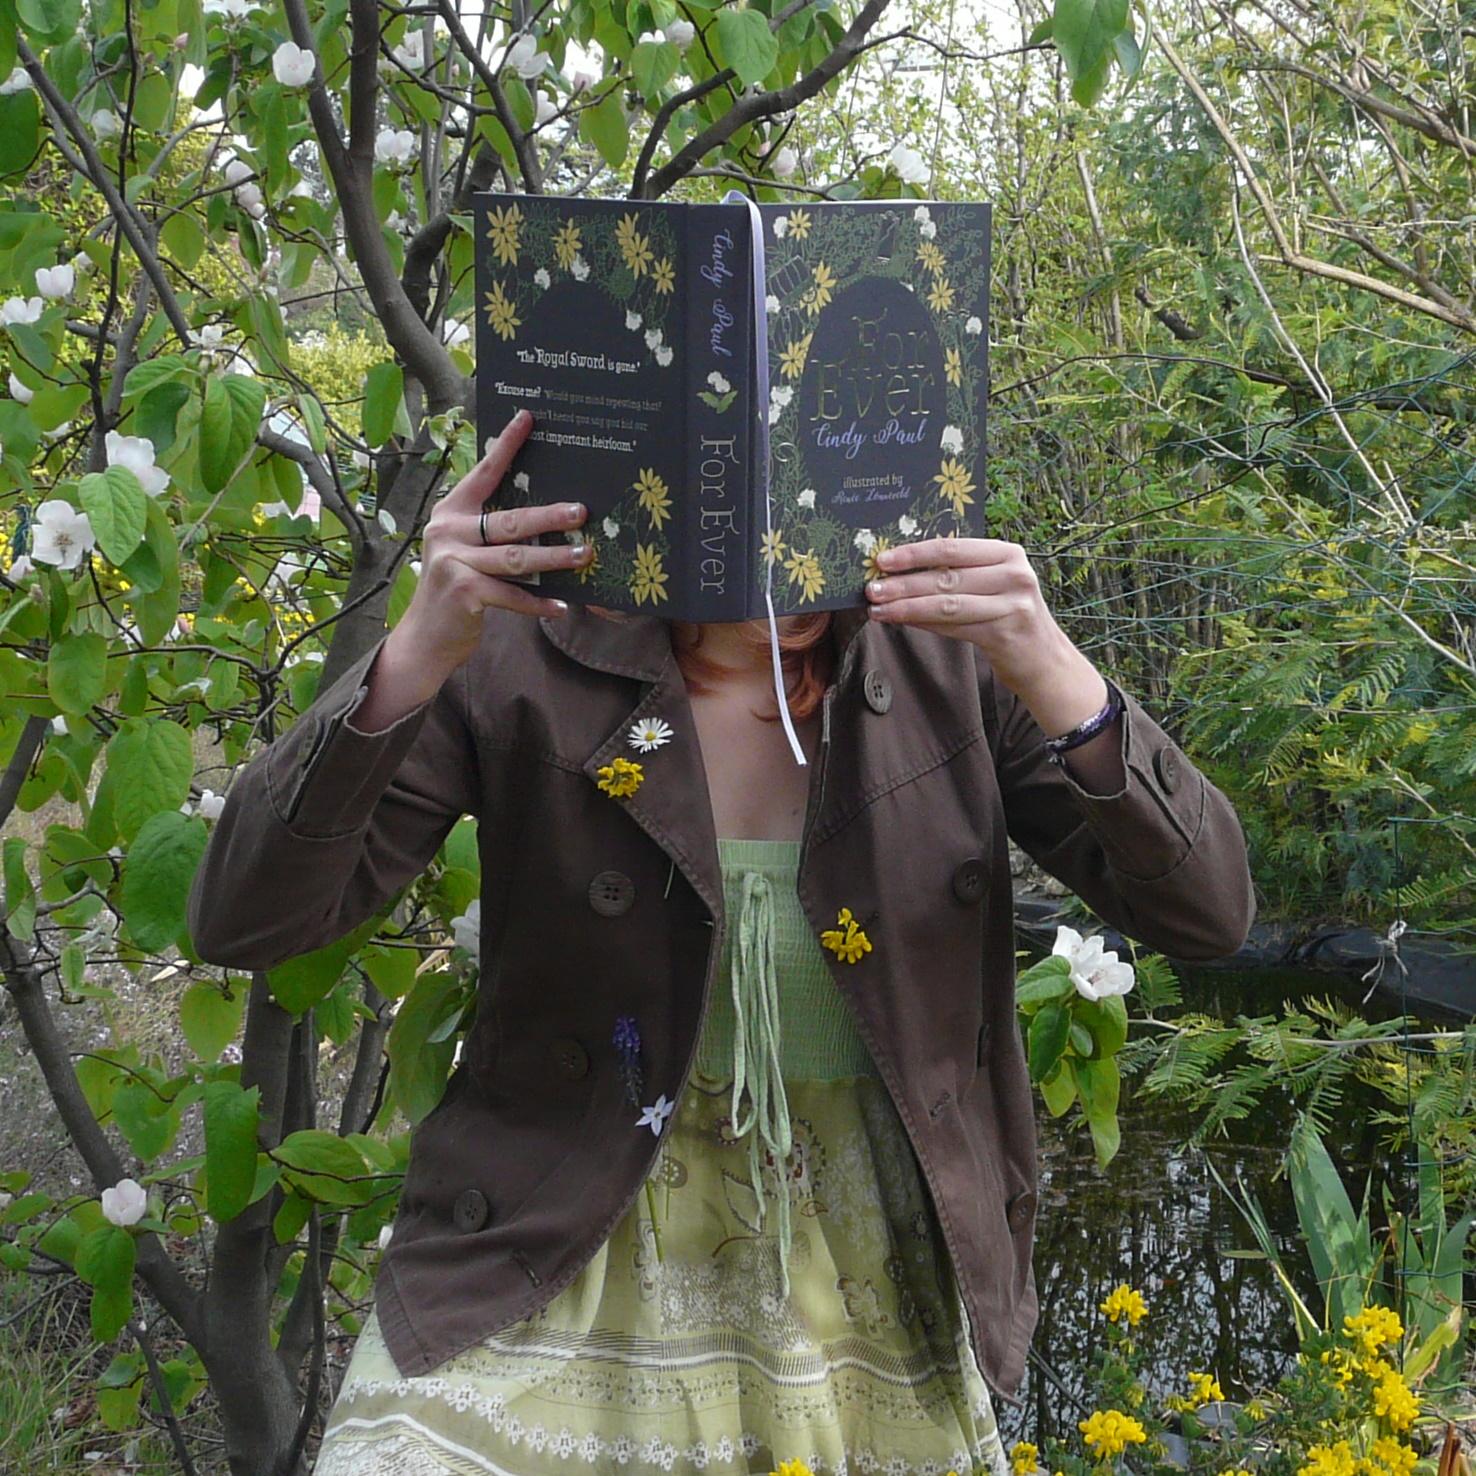 personne en robe verte et veste brune décorée de fleurs lisant For Ever devant un étang